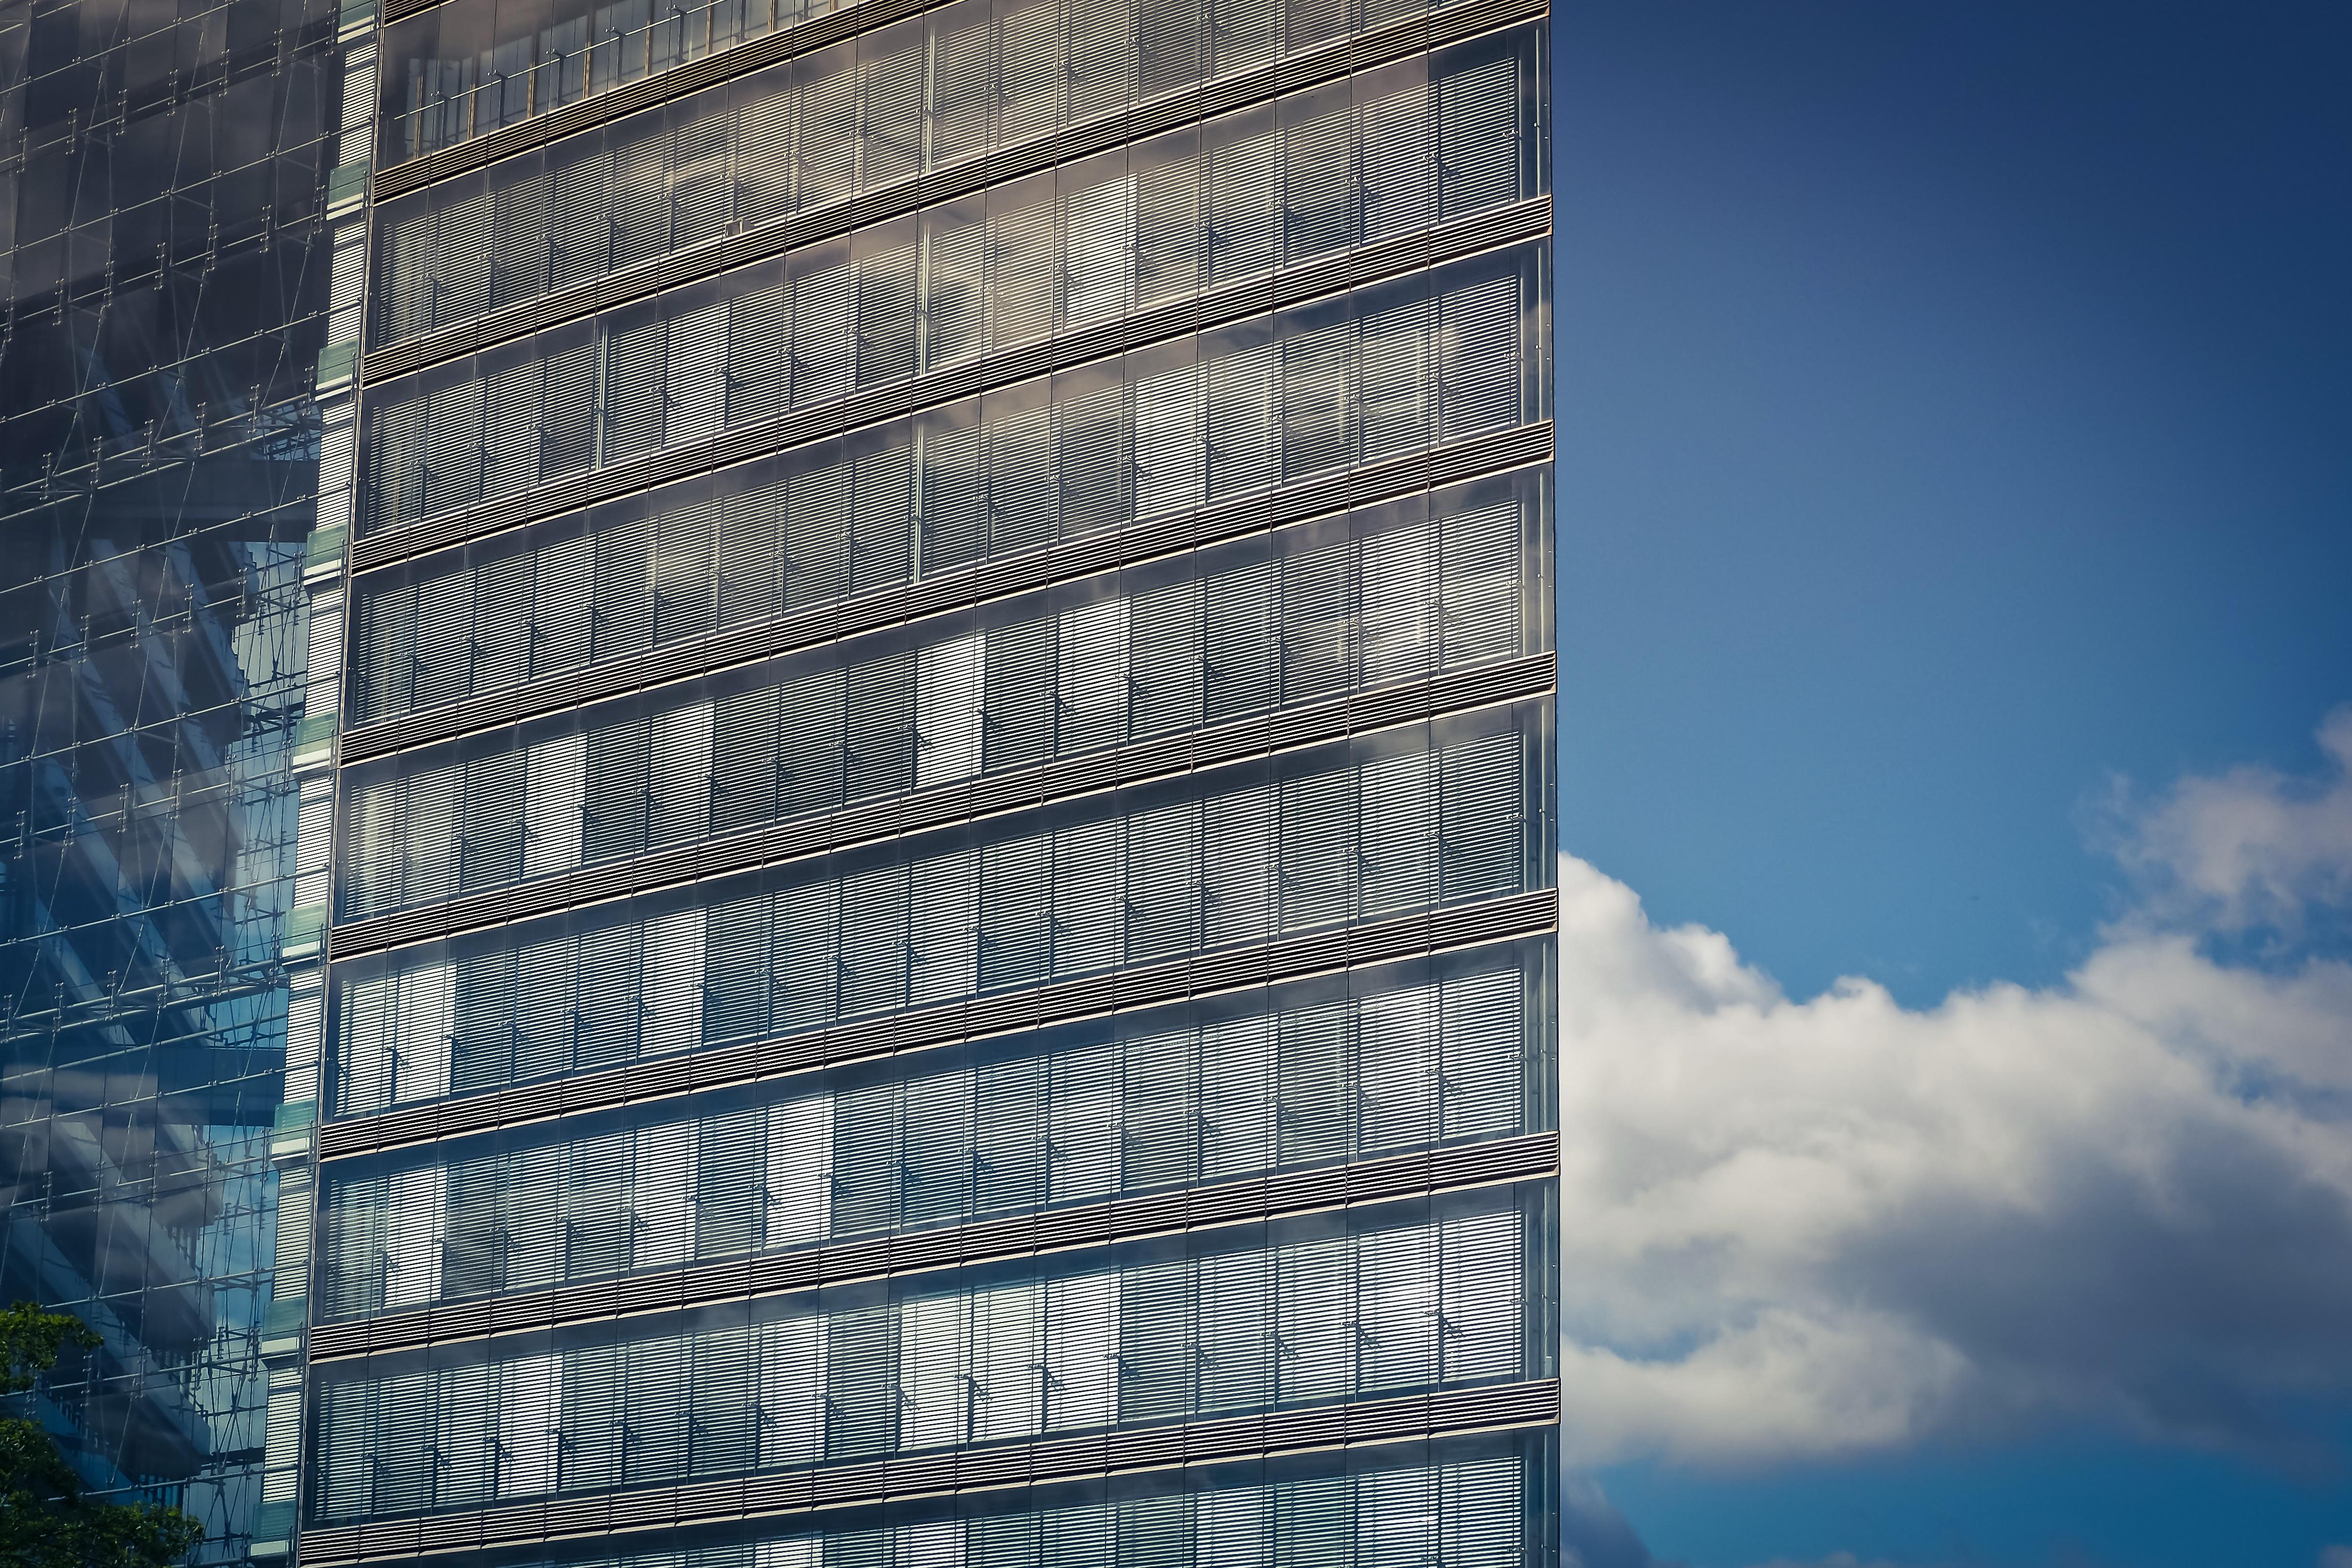 Moderne fenster fassade  Kostenlose foto : abstrakt, die Architektur, Himmel, Fenster, Glas ...